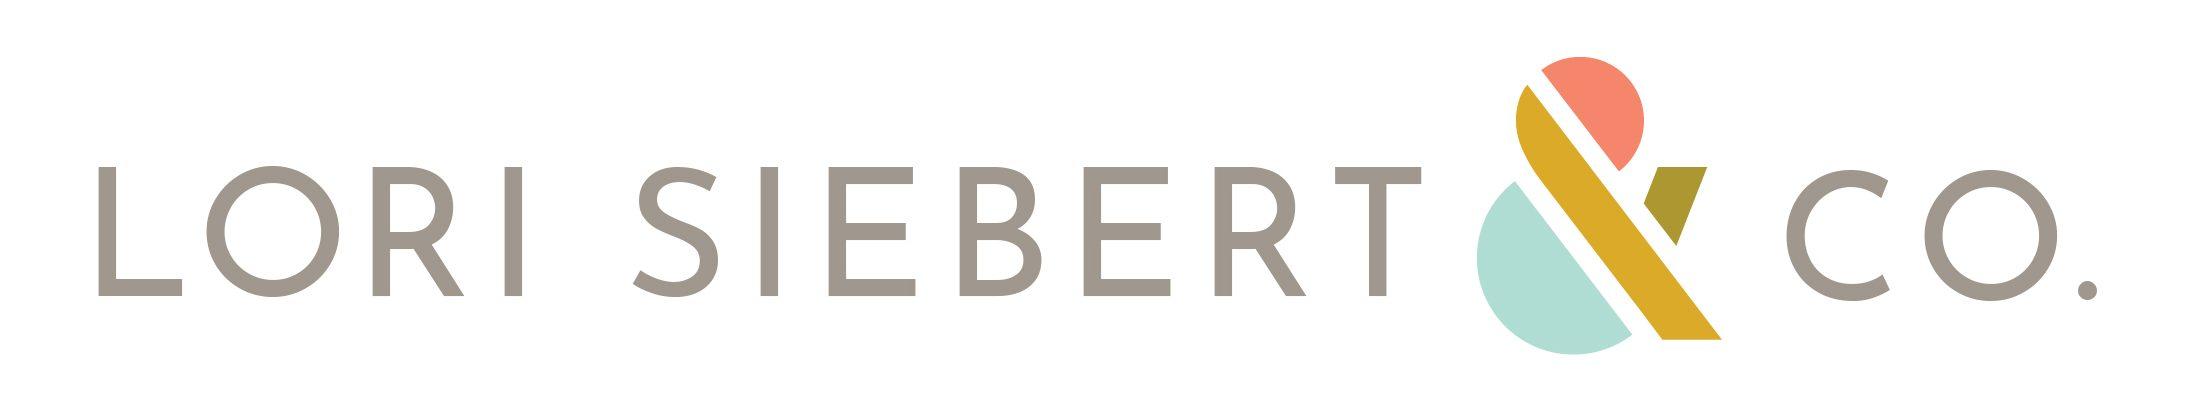 Lori Siebert & Co.